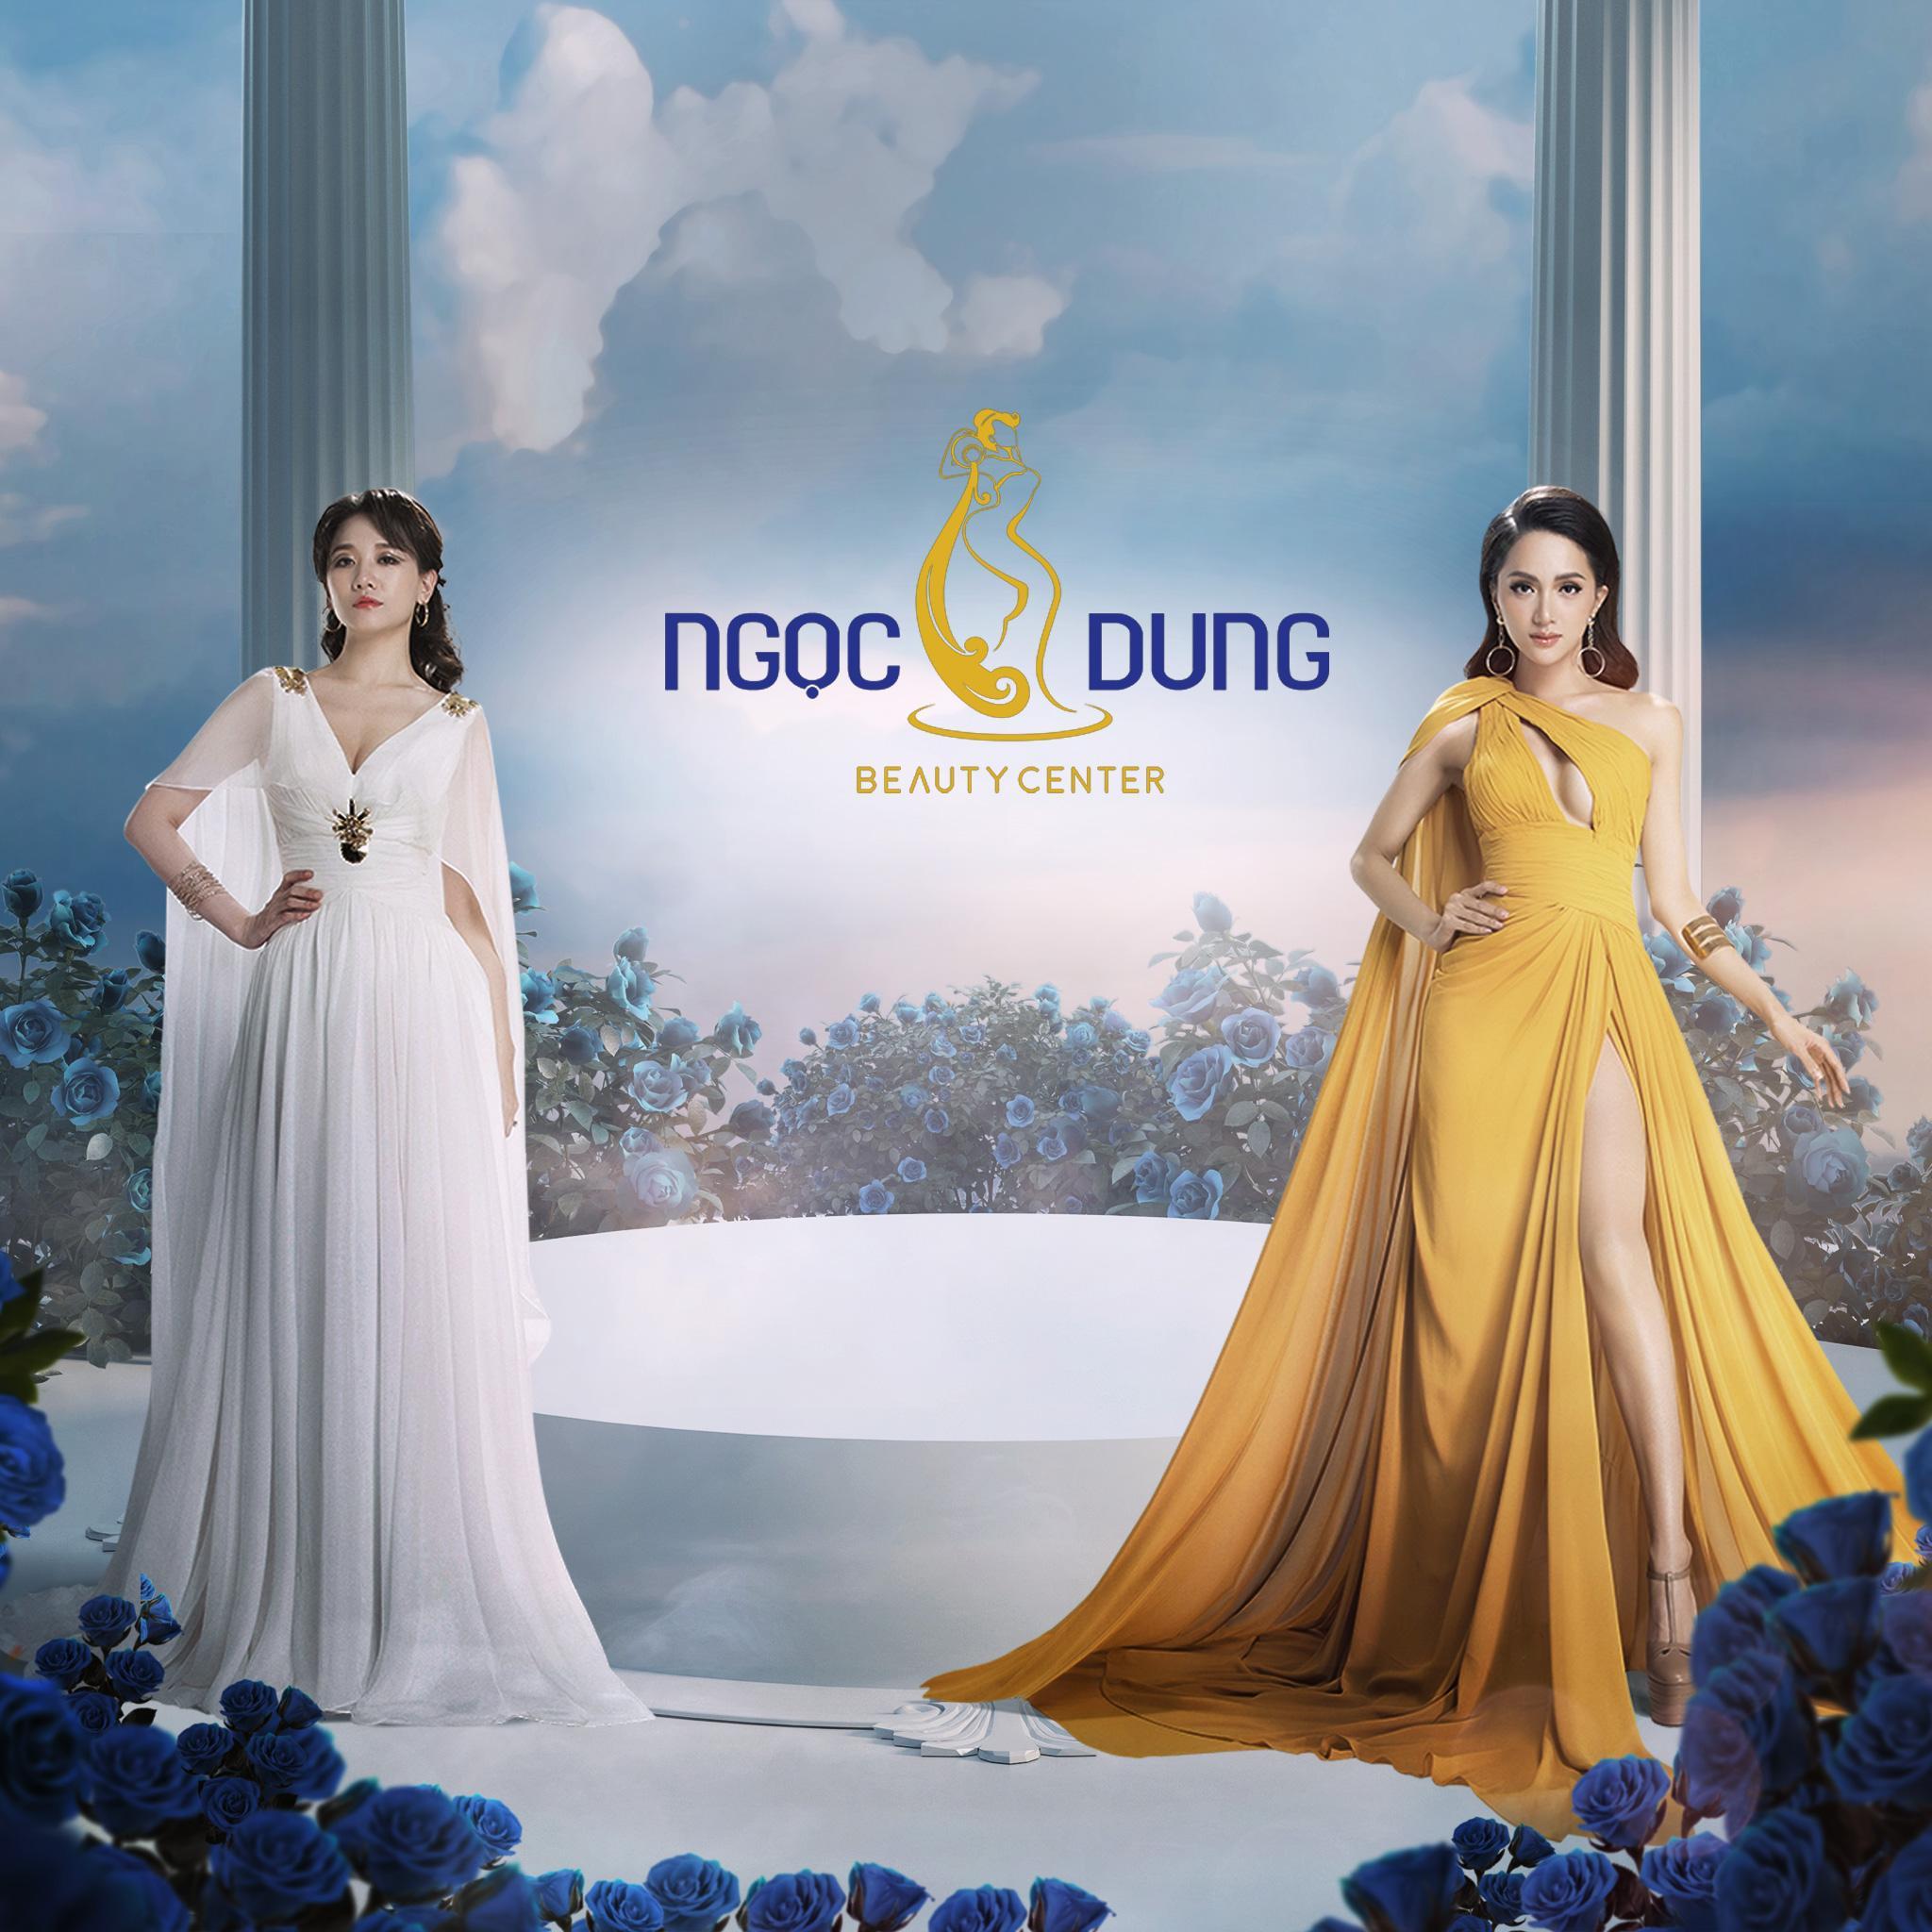 2 mỹ nhân Hương Giang và Hari Won đọ sắc rạng rỡ tựa nữ thần - Ảnh 1.